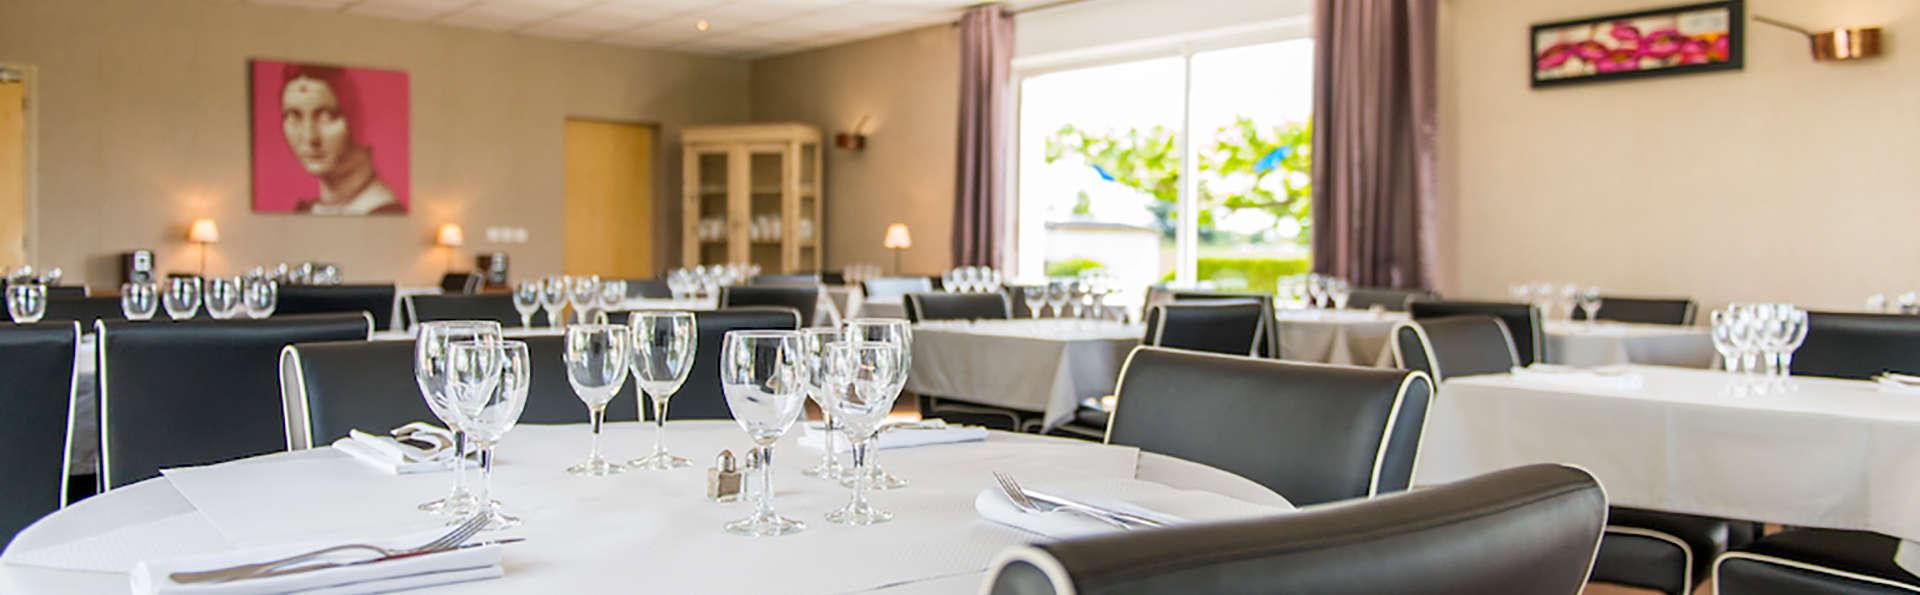 Séjour avec dîner à Azay-le-Rideau